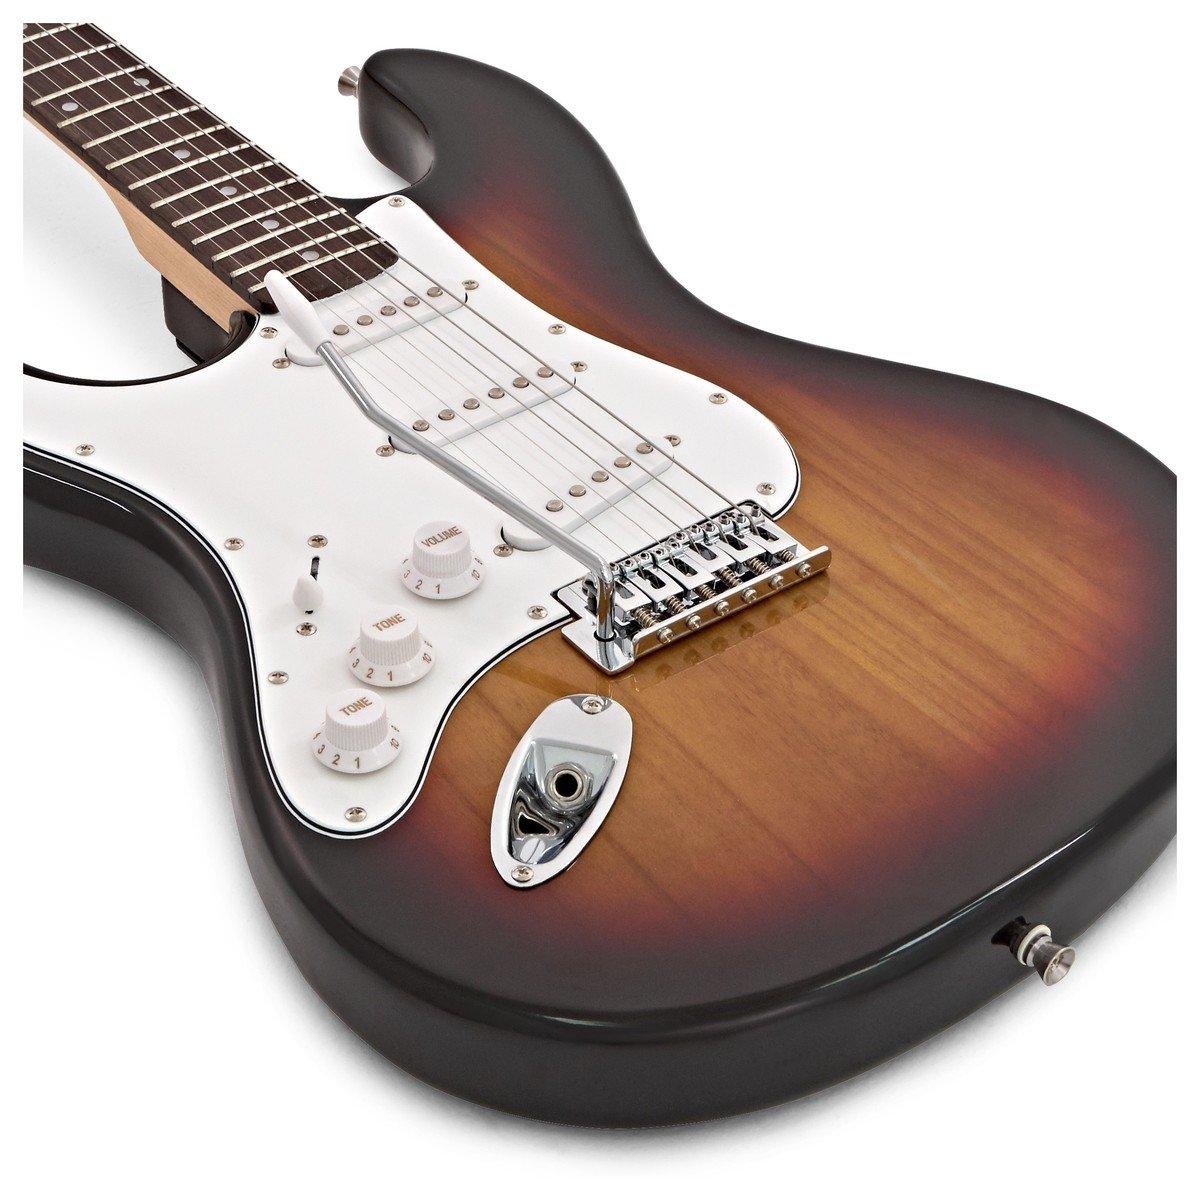 LA Left Handed Electric Guitar by Gear4music Sunburst: Amazon.es ...